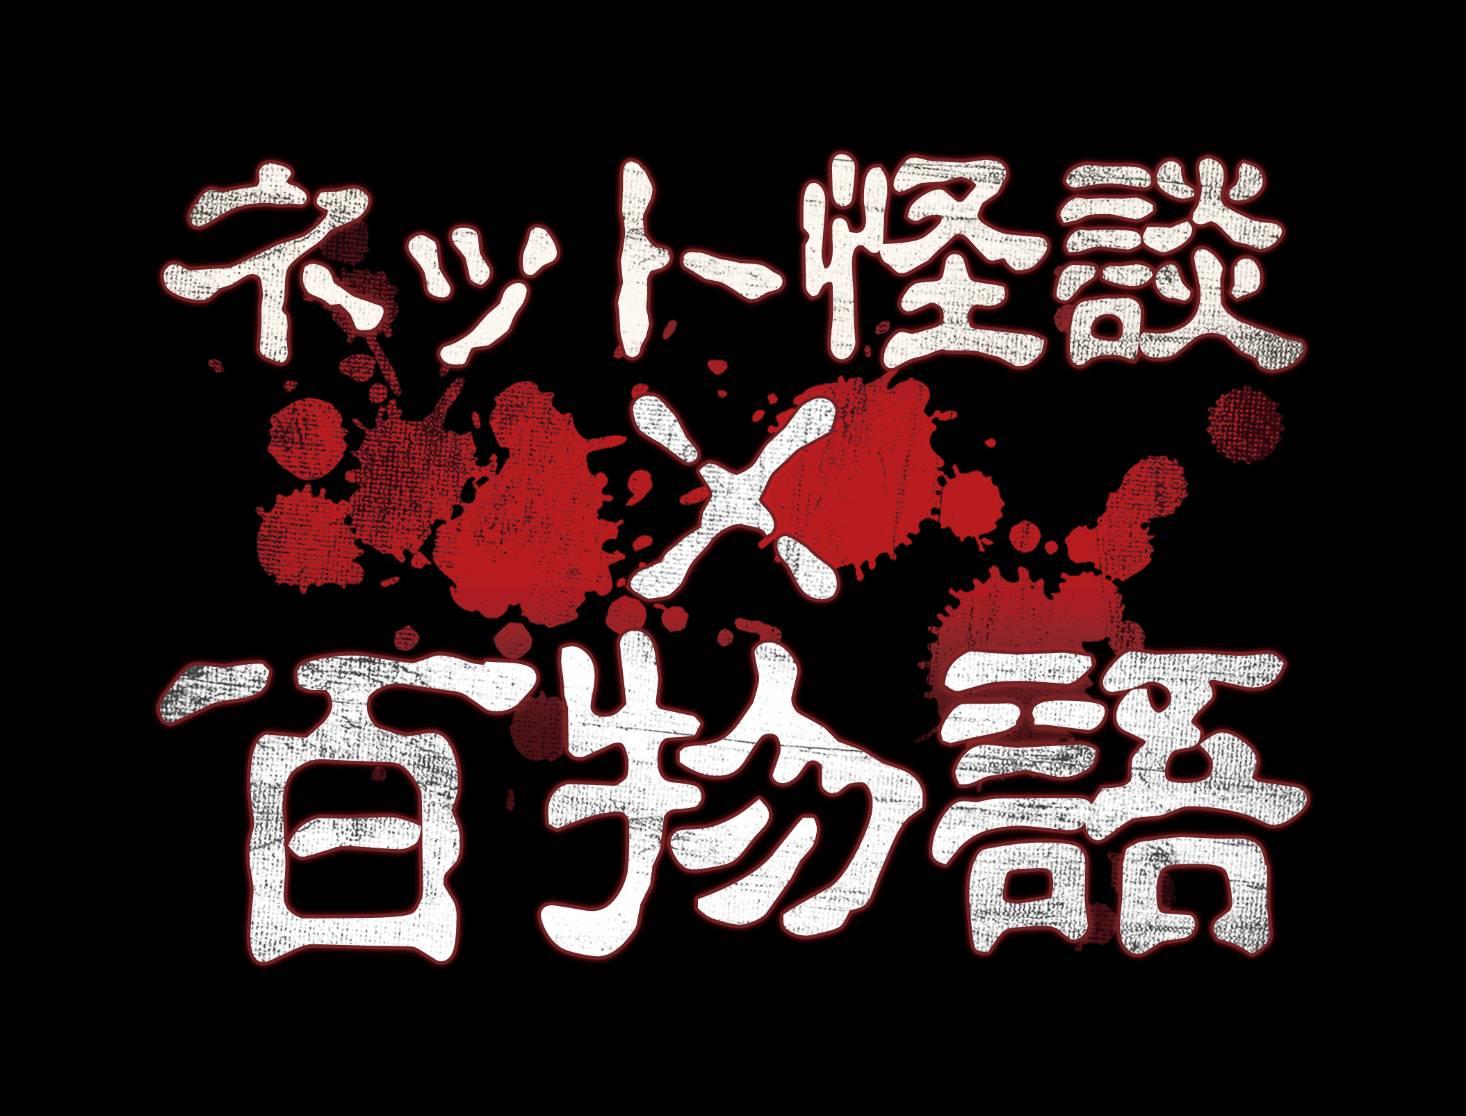 大崎捺希主演『ネット怪談✕百物語』シーズン7 太田奈緒・秋田知里らキャスト解禁 イメージ画像